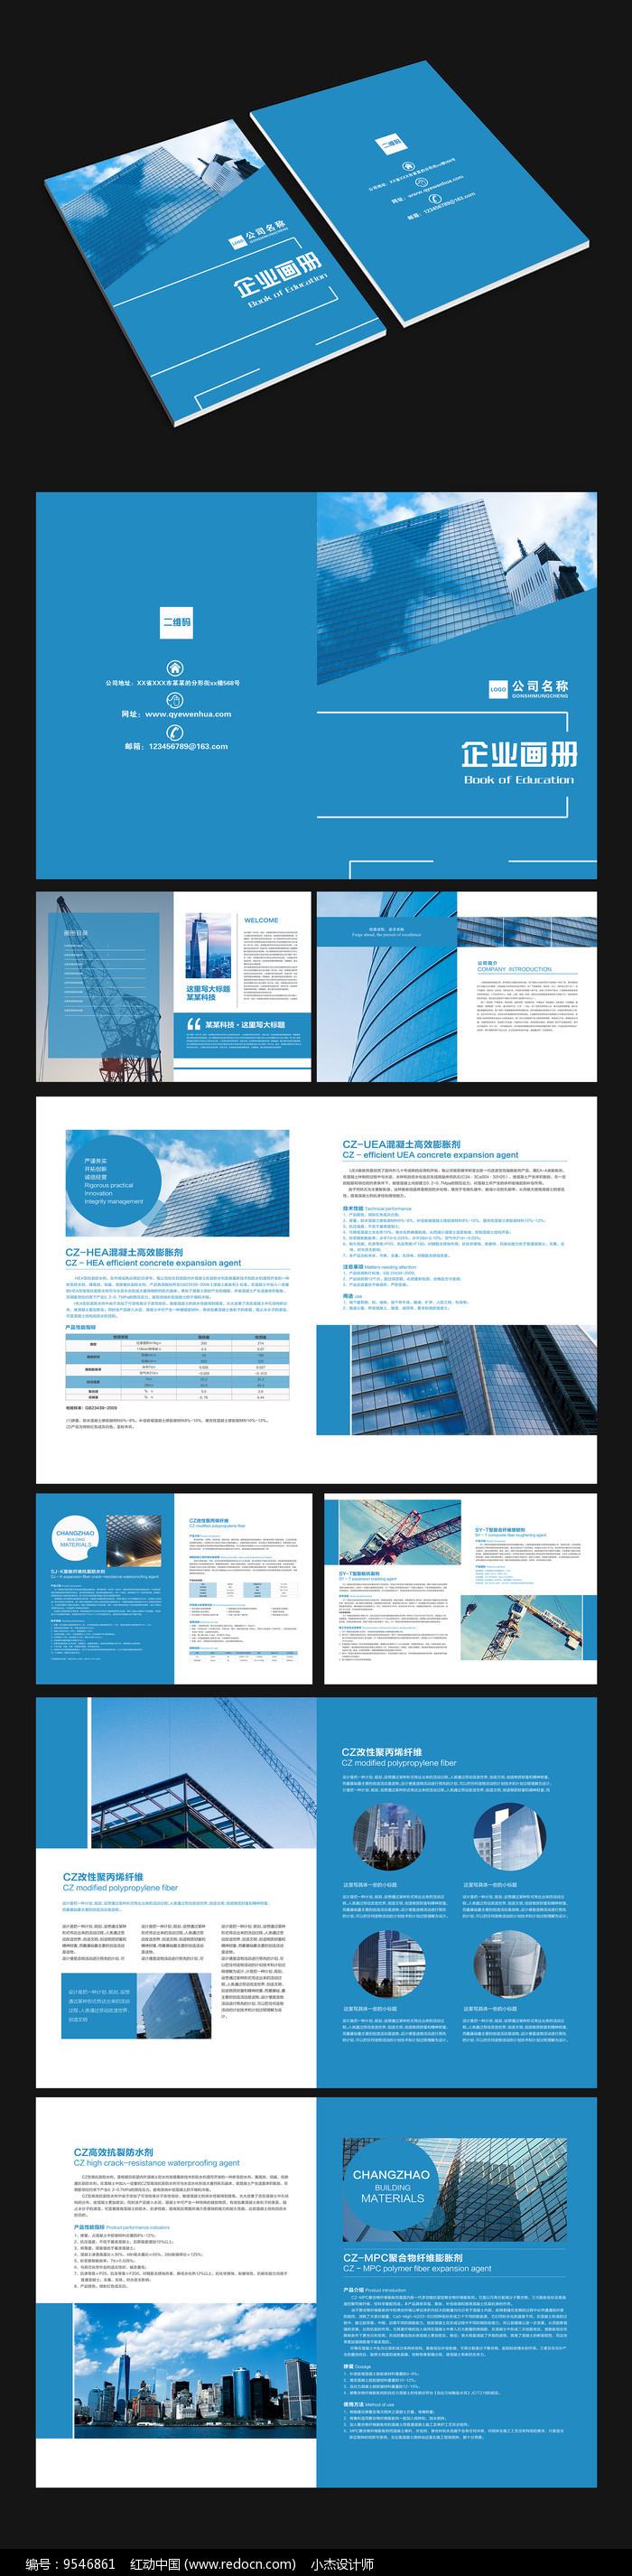 蓝色大气企业画册图片